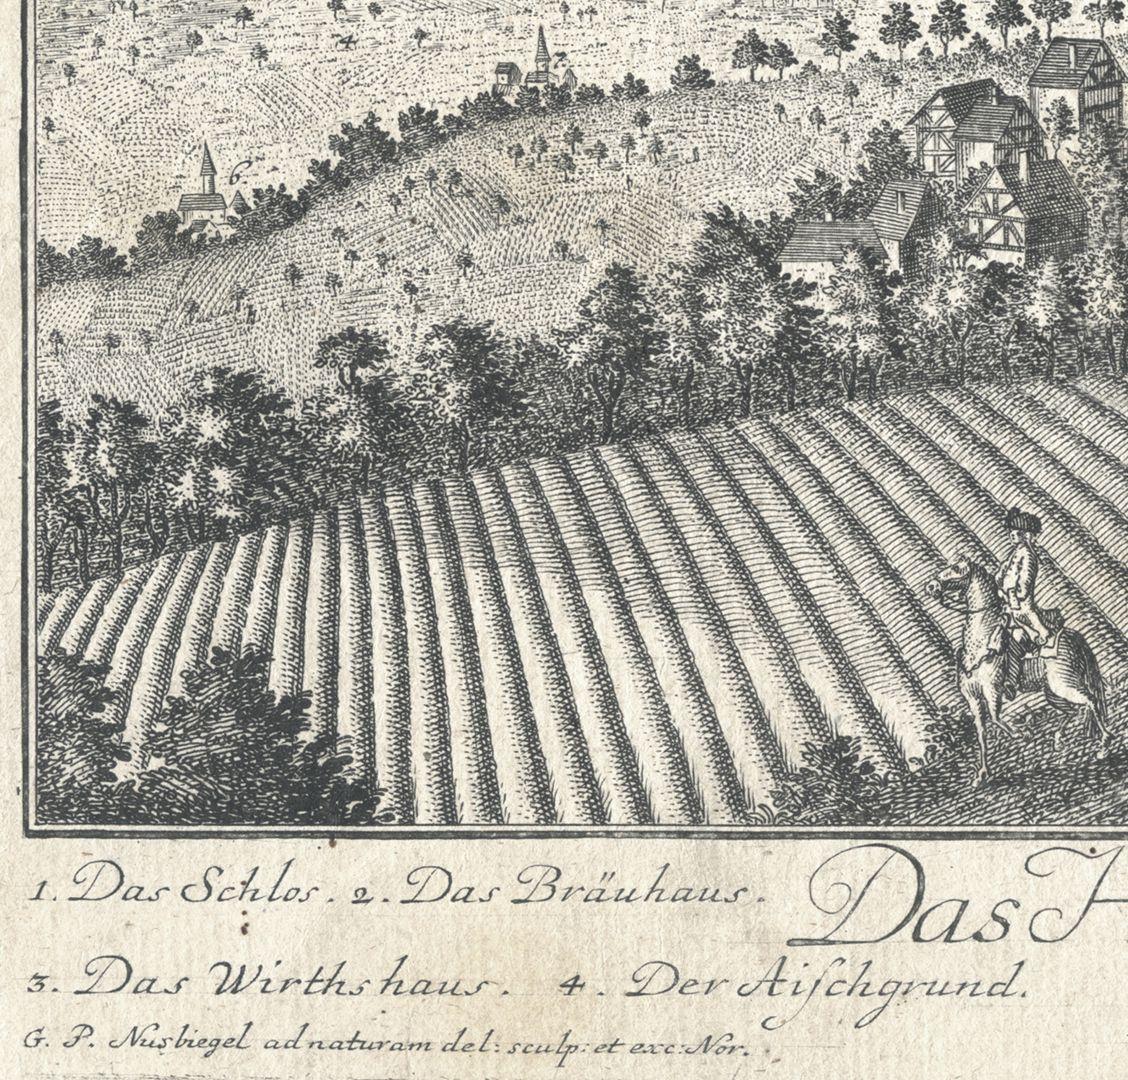 Das Hochadeliche Wurster=Creutzbergische Ritter Guth Rauschenberg Bildausschnitt der linken unteren Bildecke mit Künstlersignatur